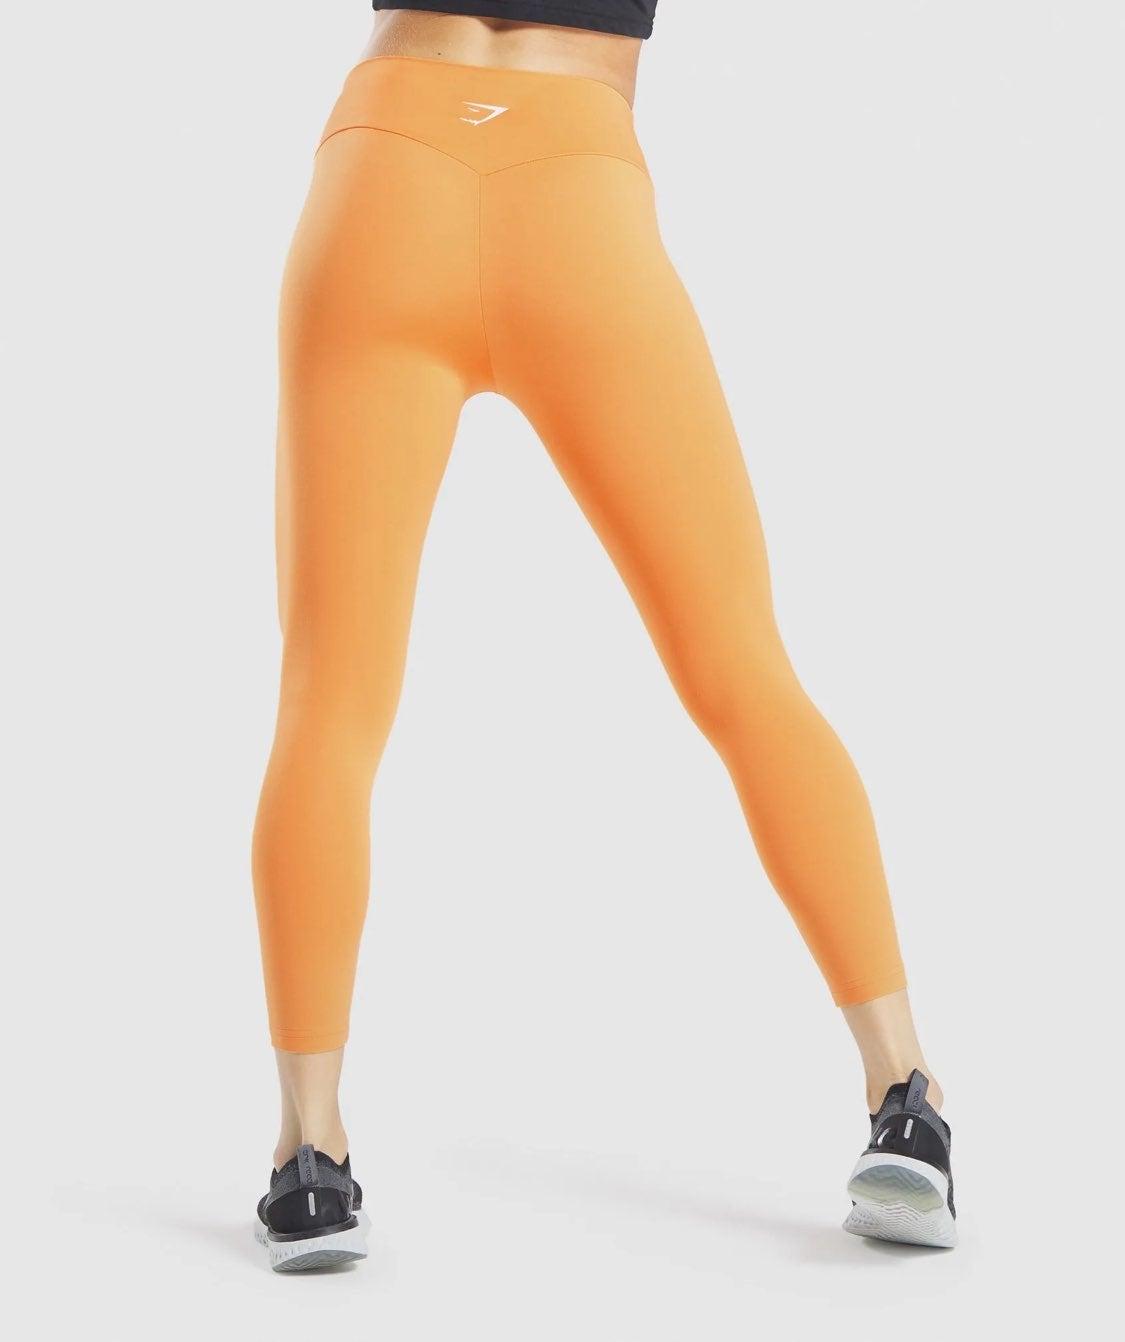 GYMSHARK WOMENS TRAINING 7/8 LEGGINGS